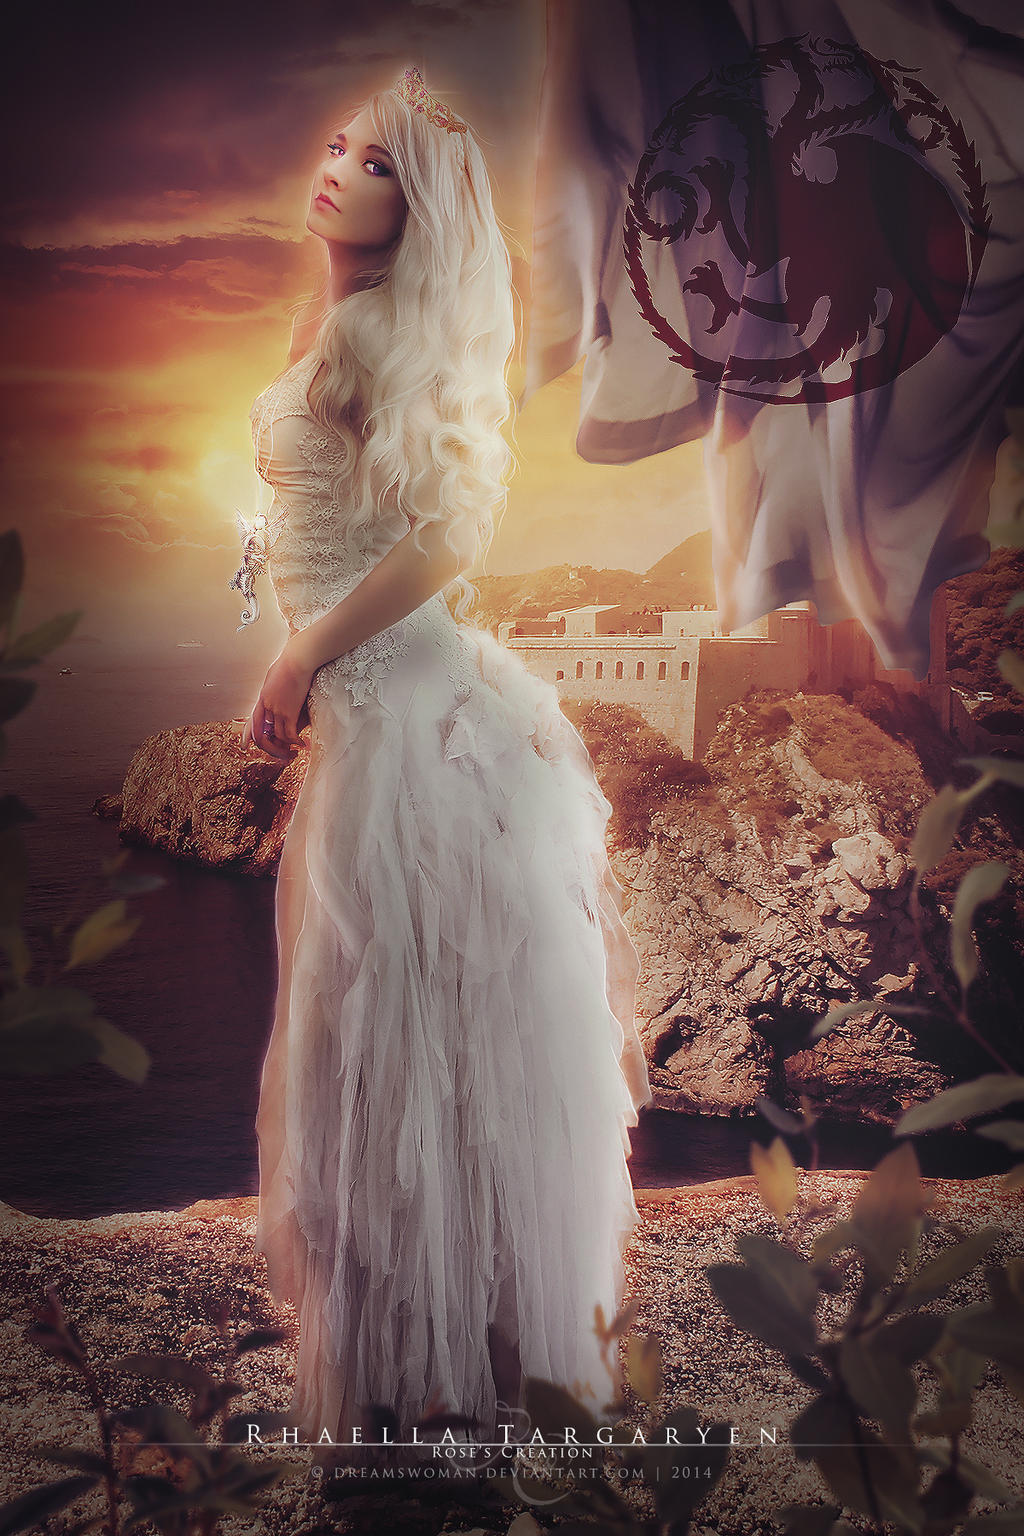 Rhaella Targaryen by dreamswoman